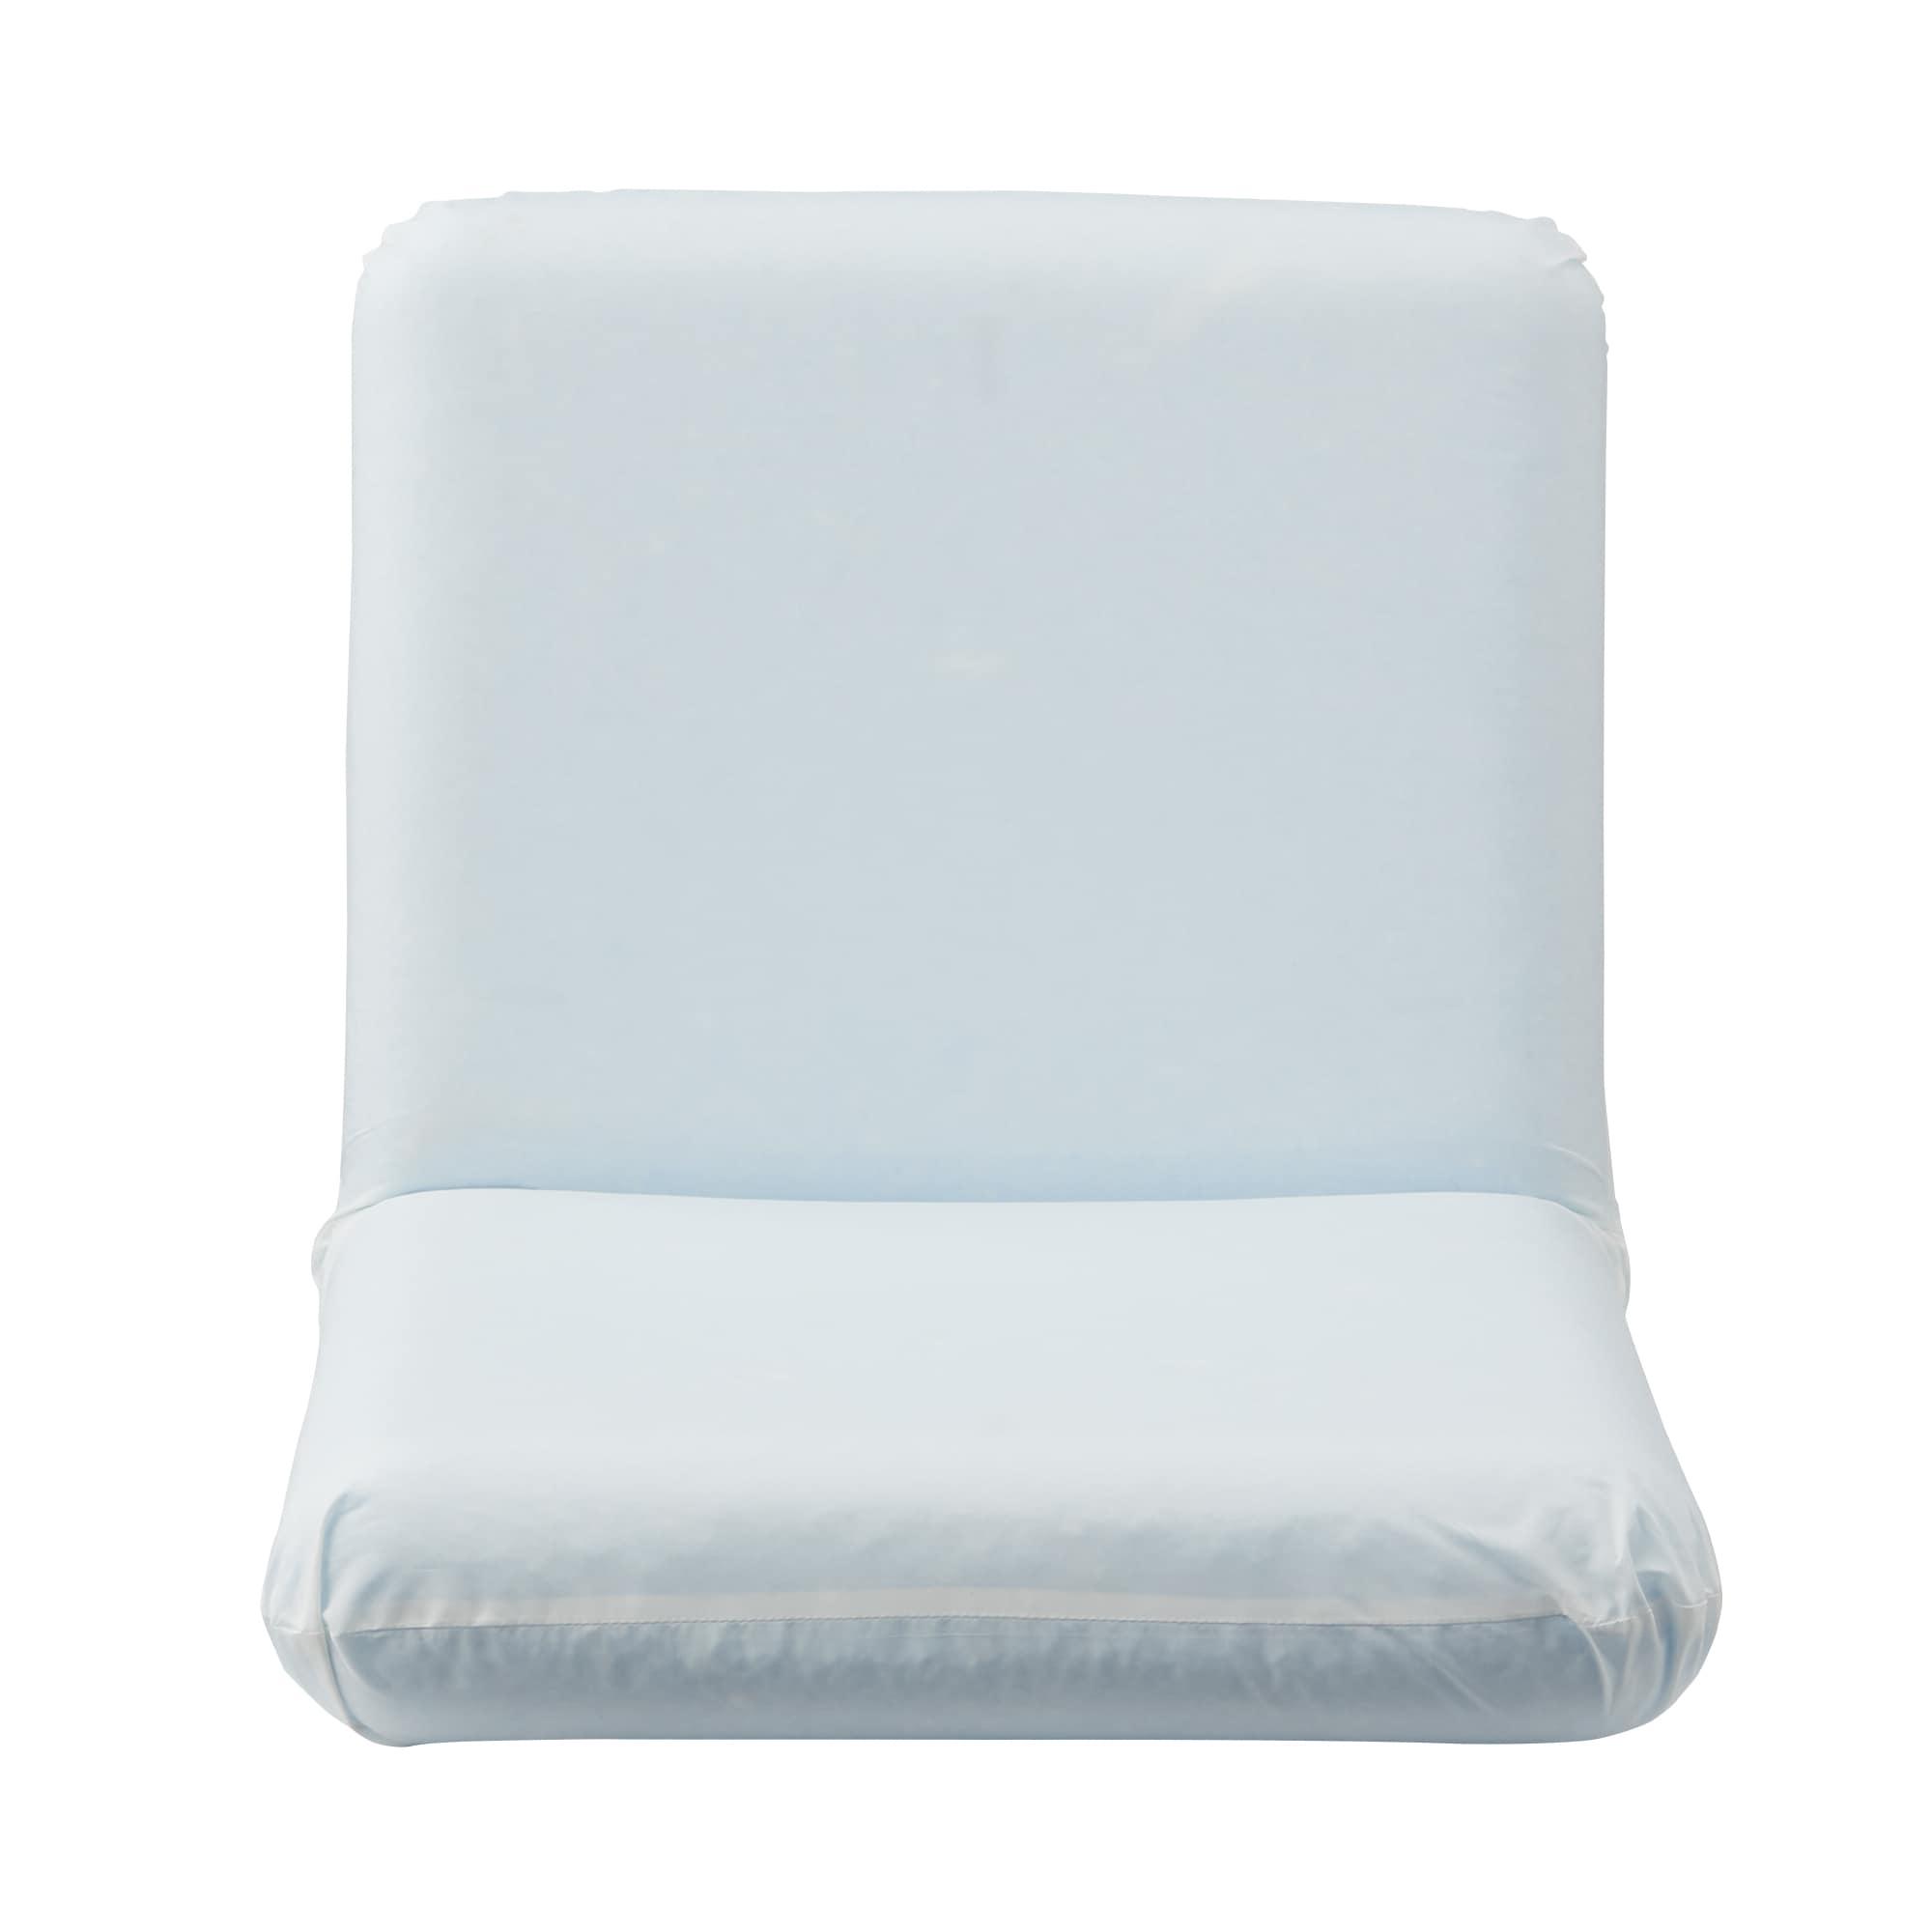 座いす小 フラット時:幅46×奥行86×高さ10